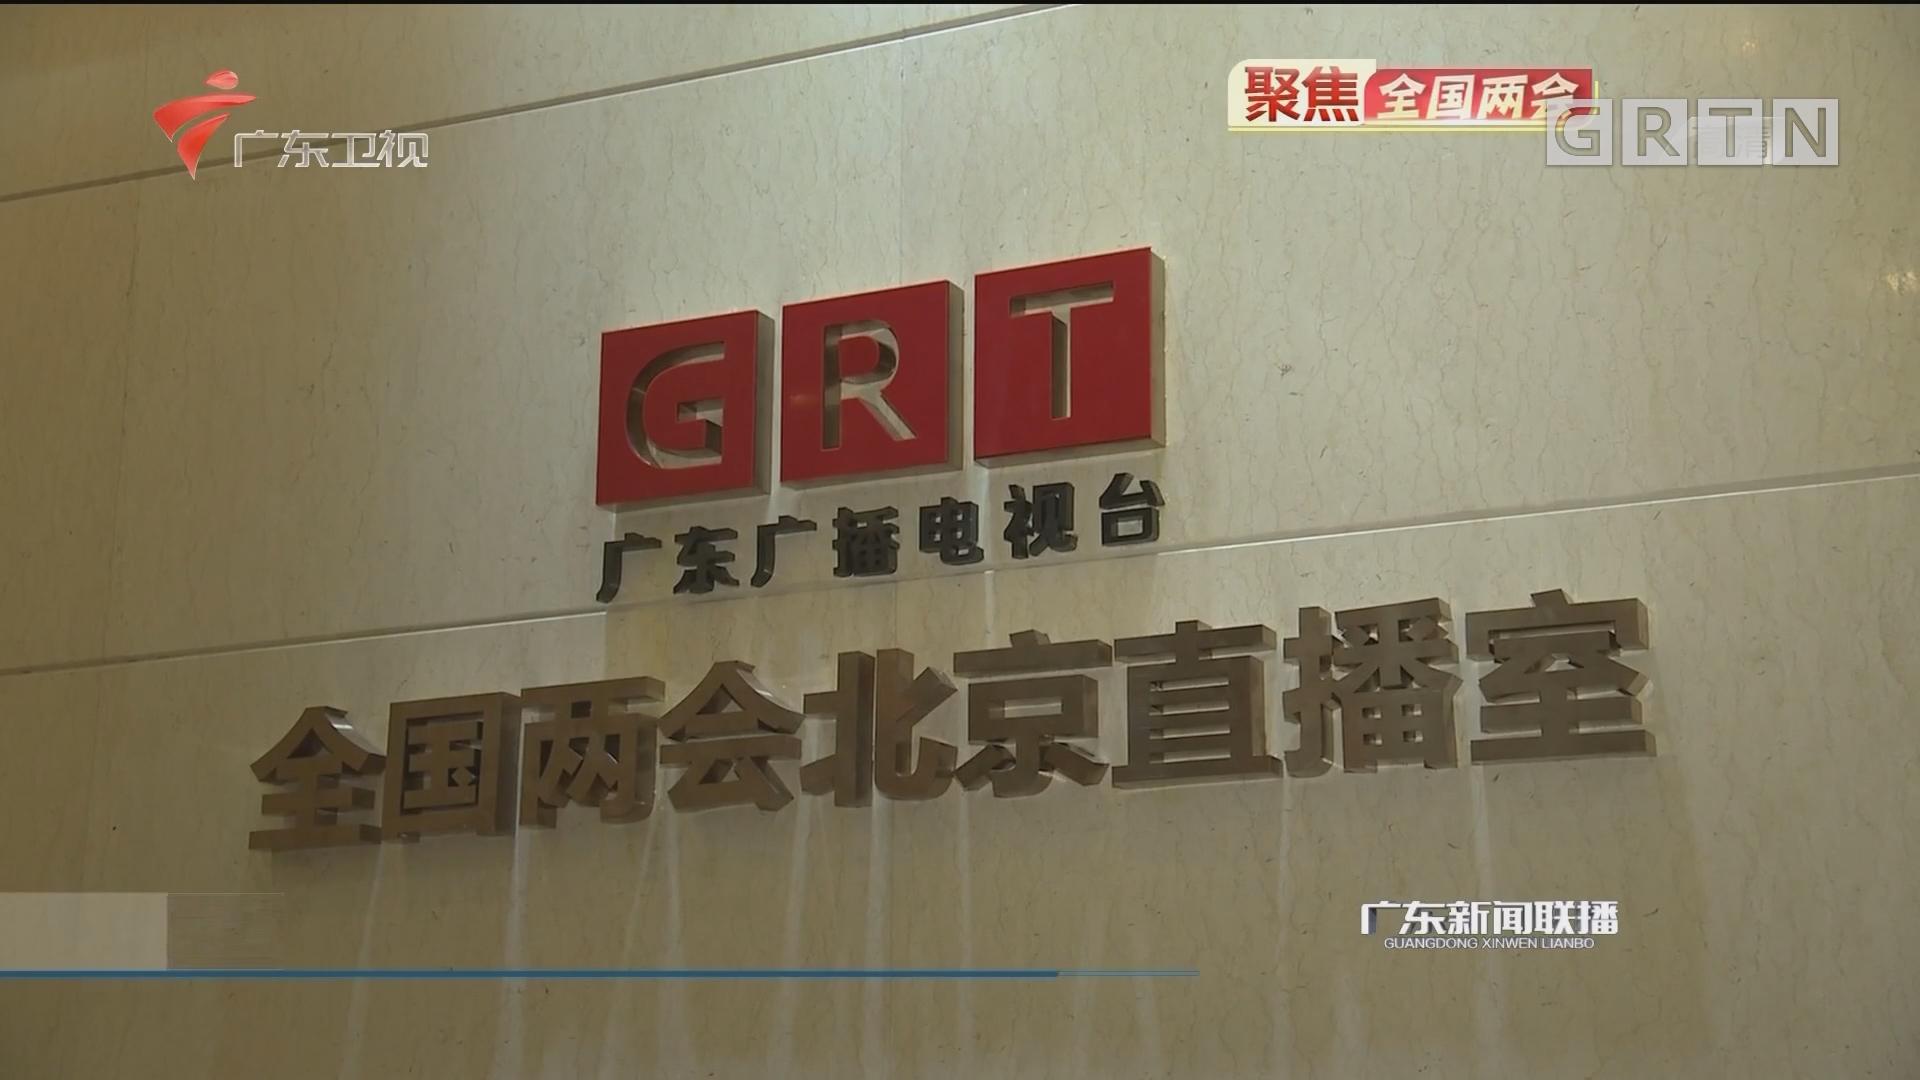 广东广播电视台:融合创新聚焦全国两会 唱响主流舆论强音